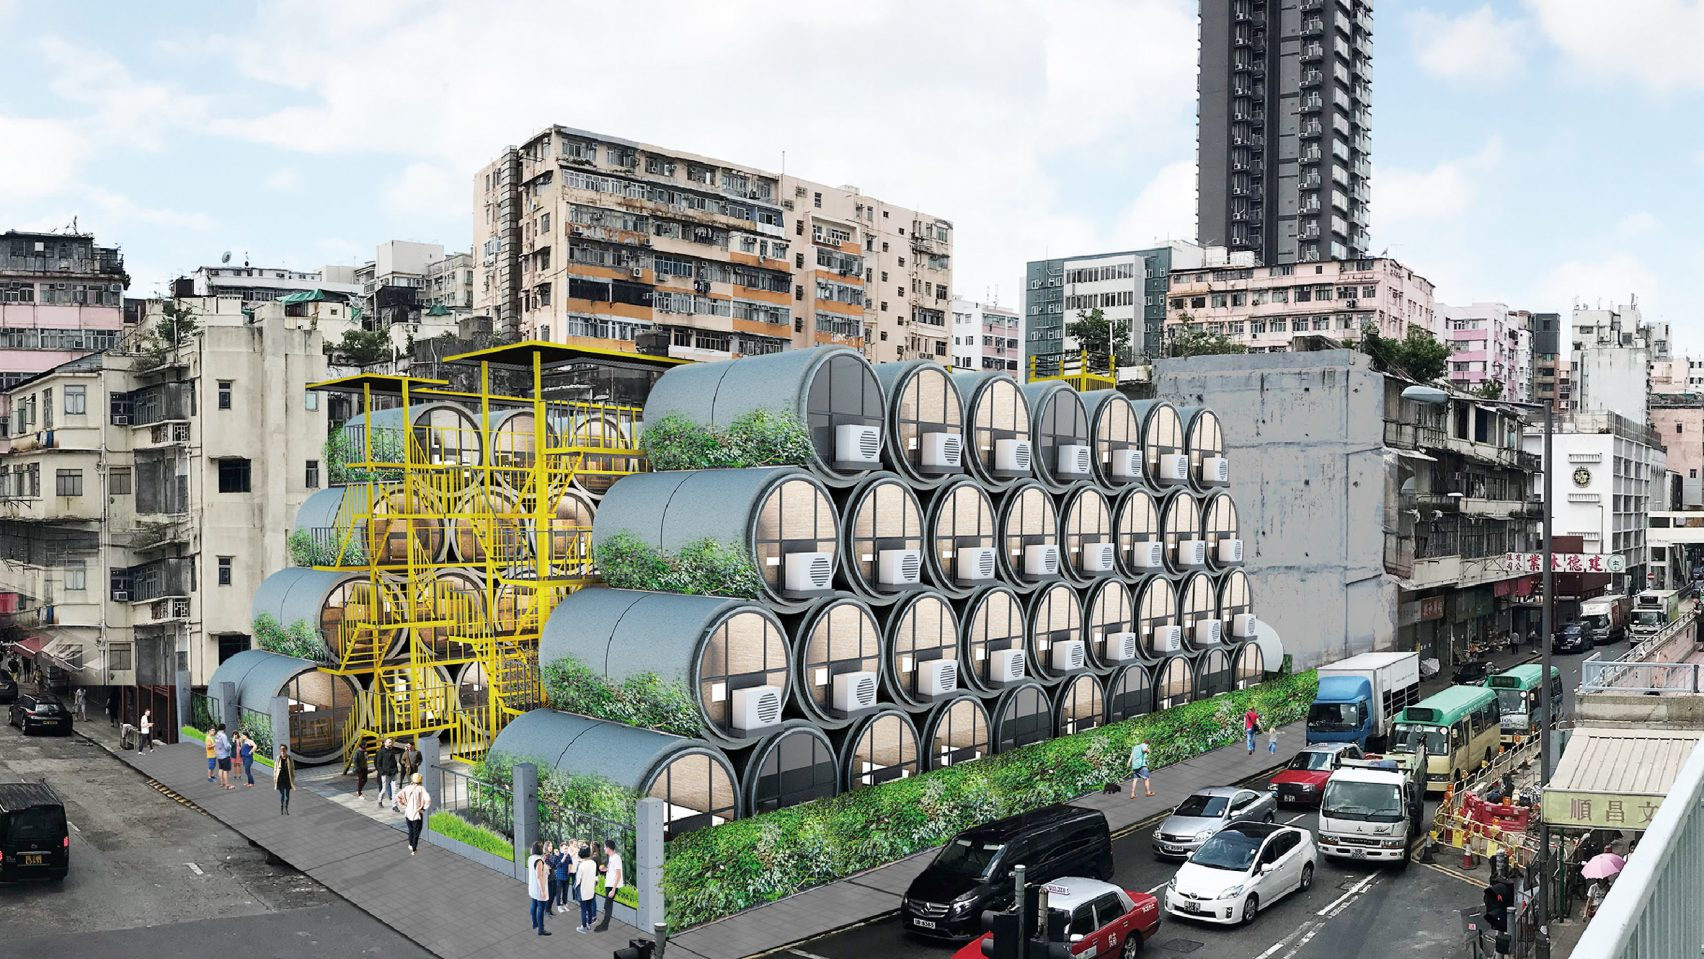 OPod Tube Housing: บ้านจากท่อคอนกรีตในพื้นที่จำกัดอย่างฮ่องกง